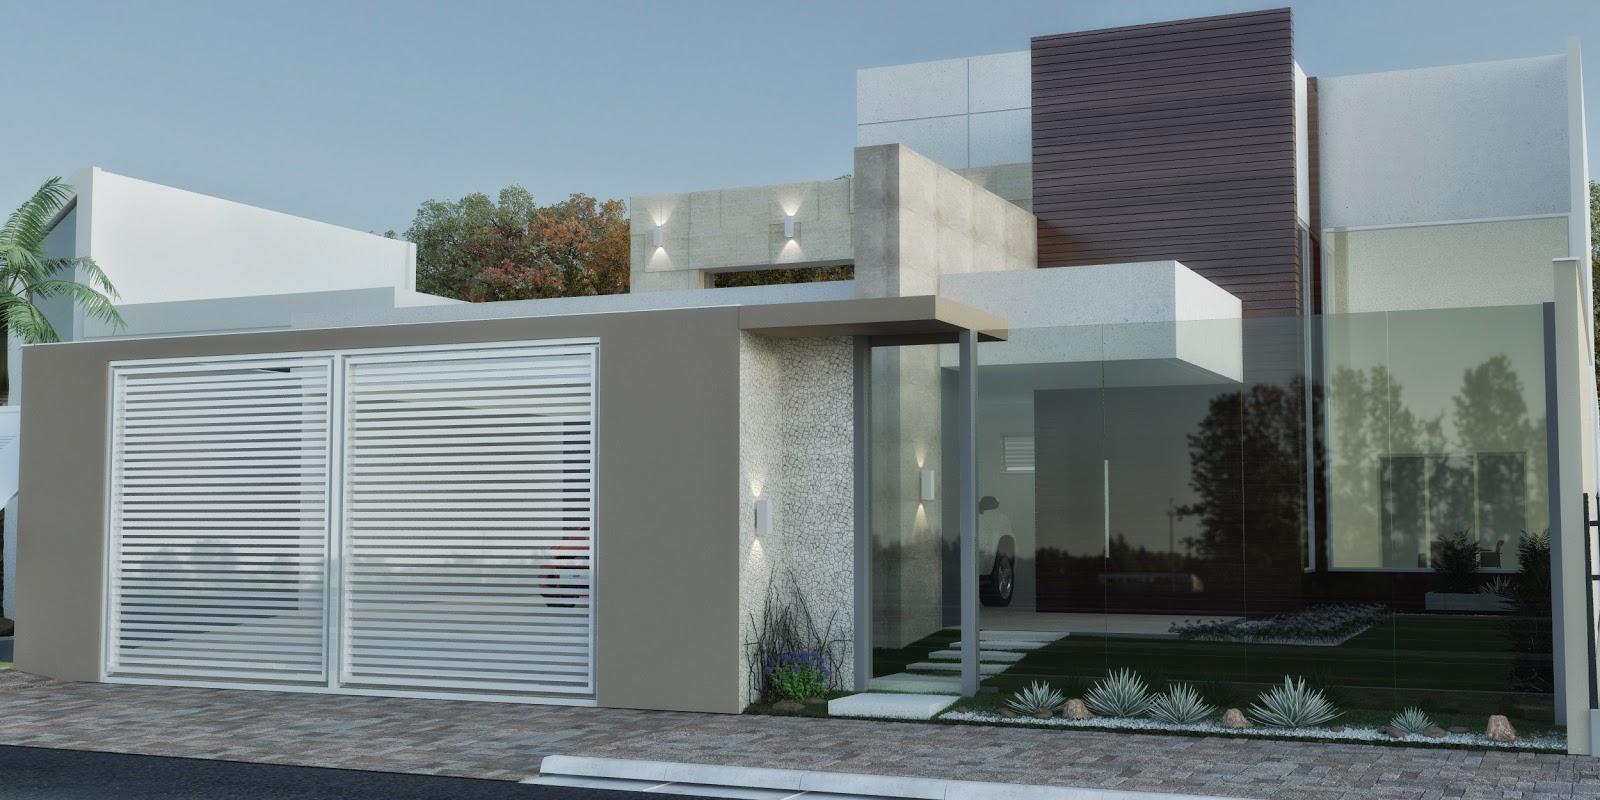 3dsul maquete eletr nica 3d projeto e fachada de casa for Fachadas de casas modernas con negocio